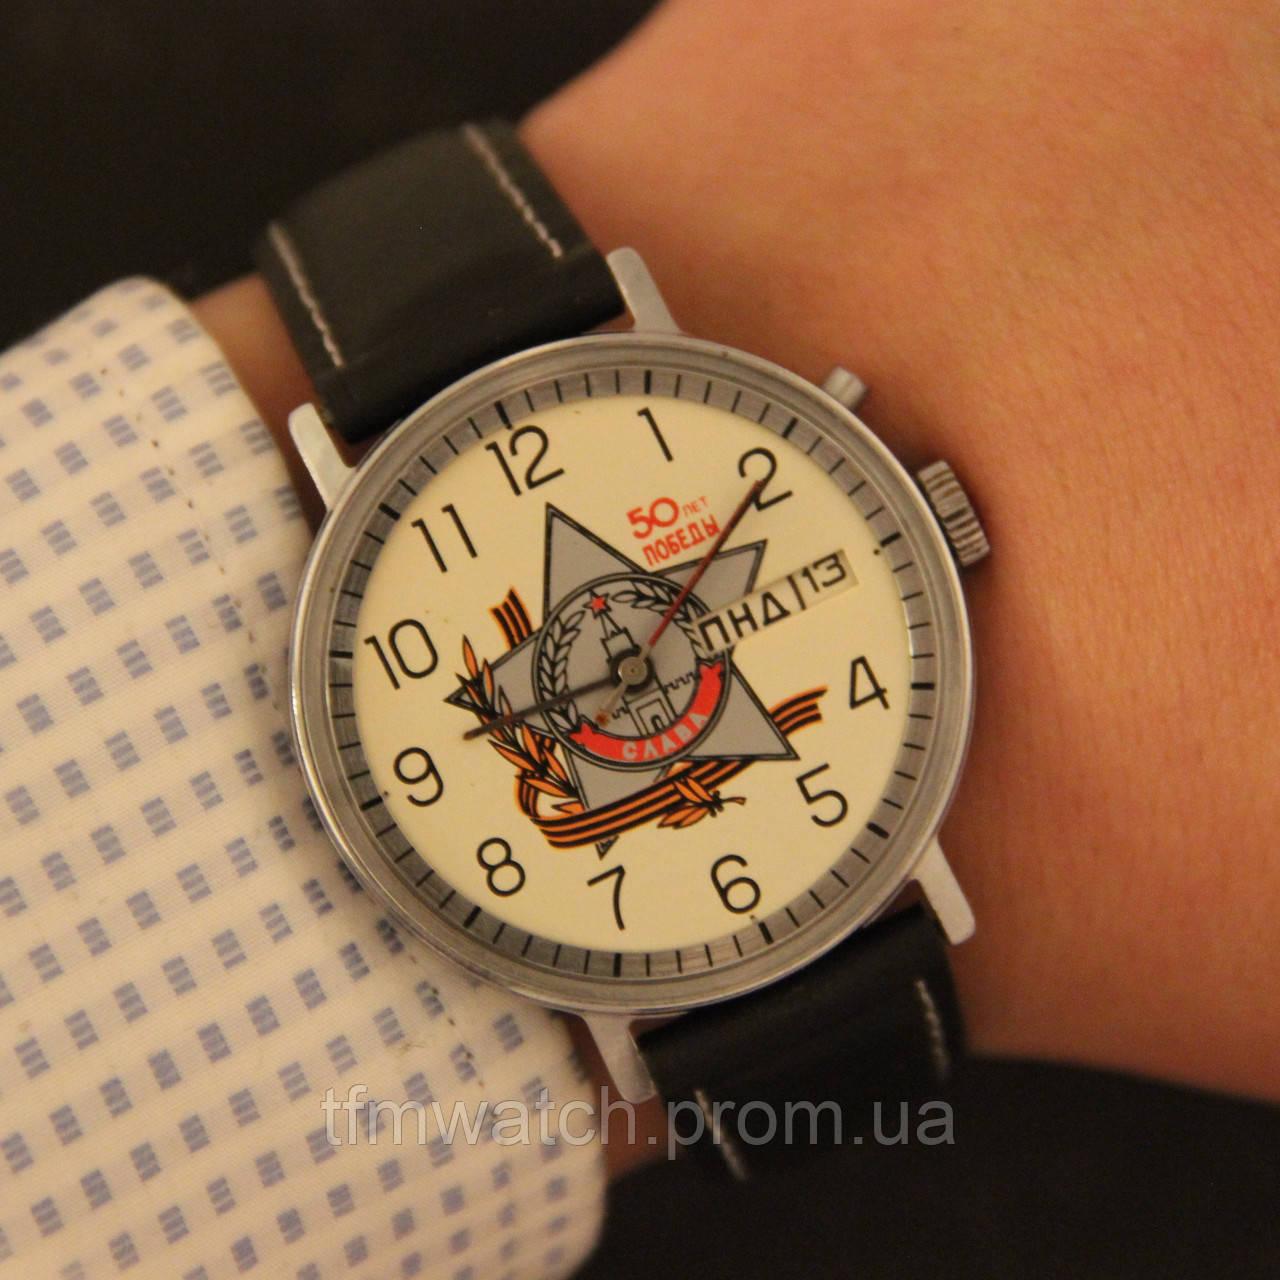 e663857863ae Слава 50 лет Победы наручные механические часы - Магазин старинных,  винтажных и антикварных часов TFMwatch